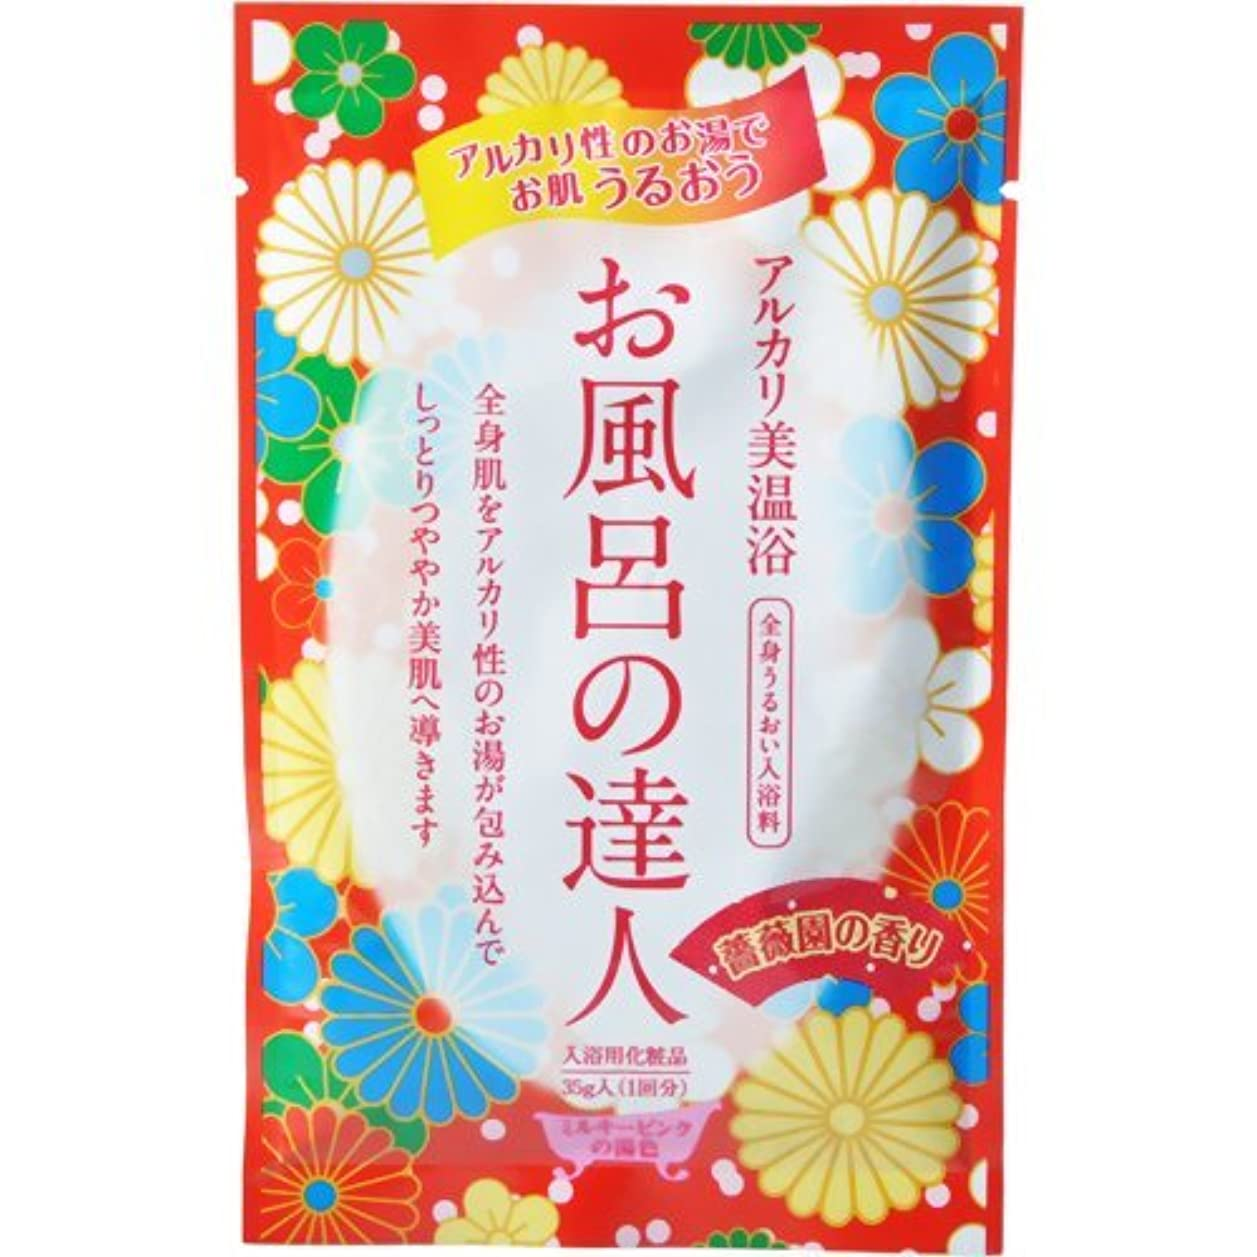 下品つかいます損なうお風呂の達人 薔薇園の香り 35G 五洲薬品